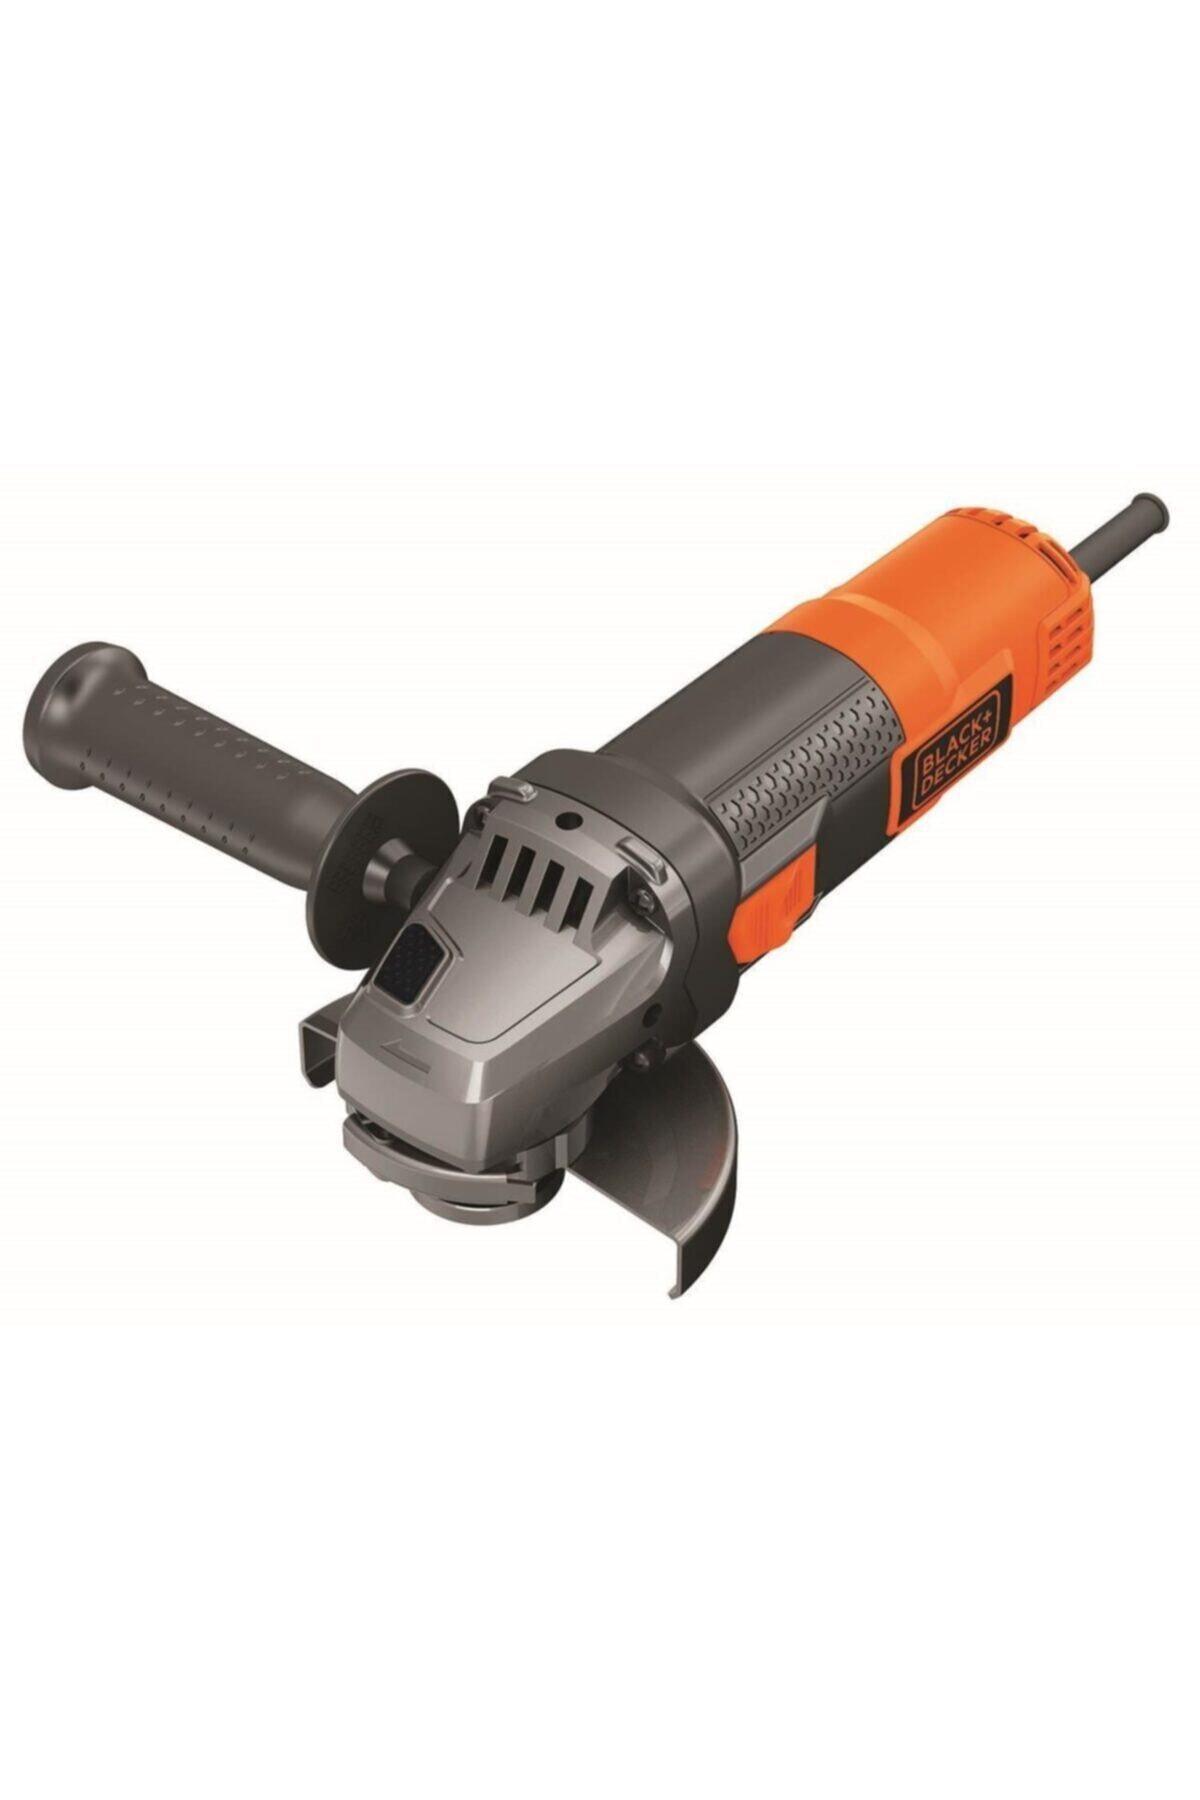 Black&Decker Beg120 800watt 125mm Avuç Taşlama 1